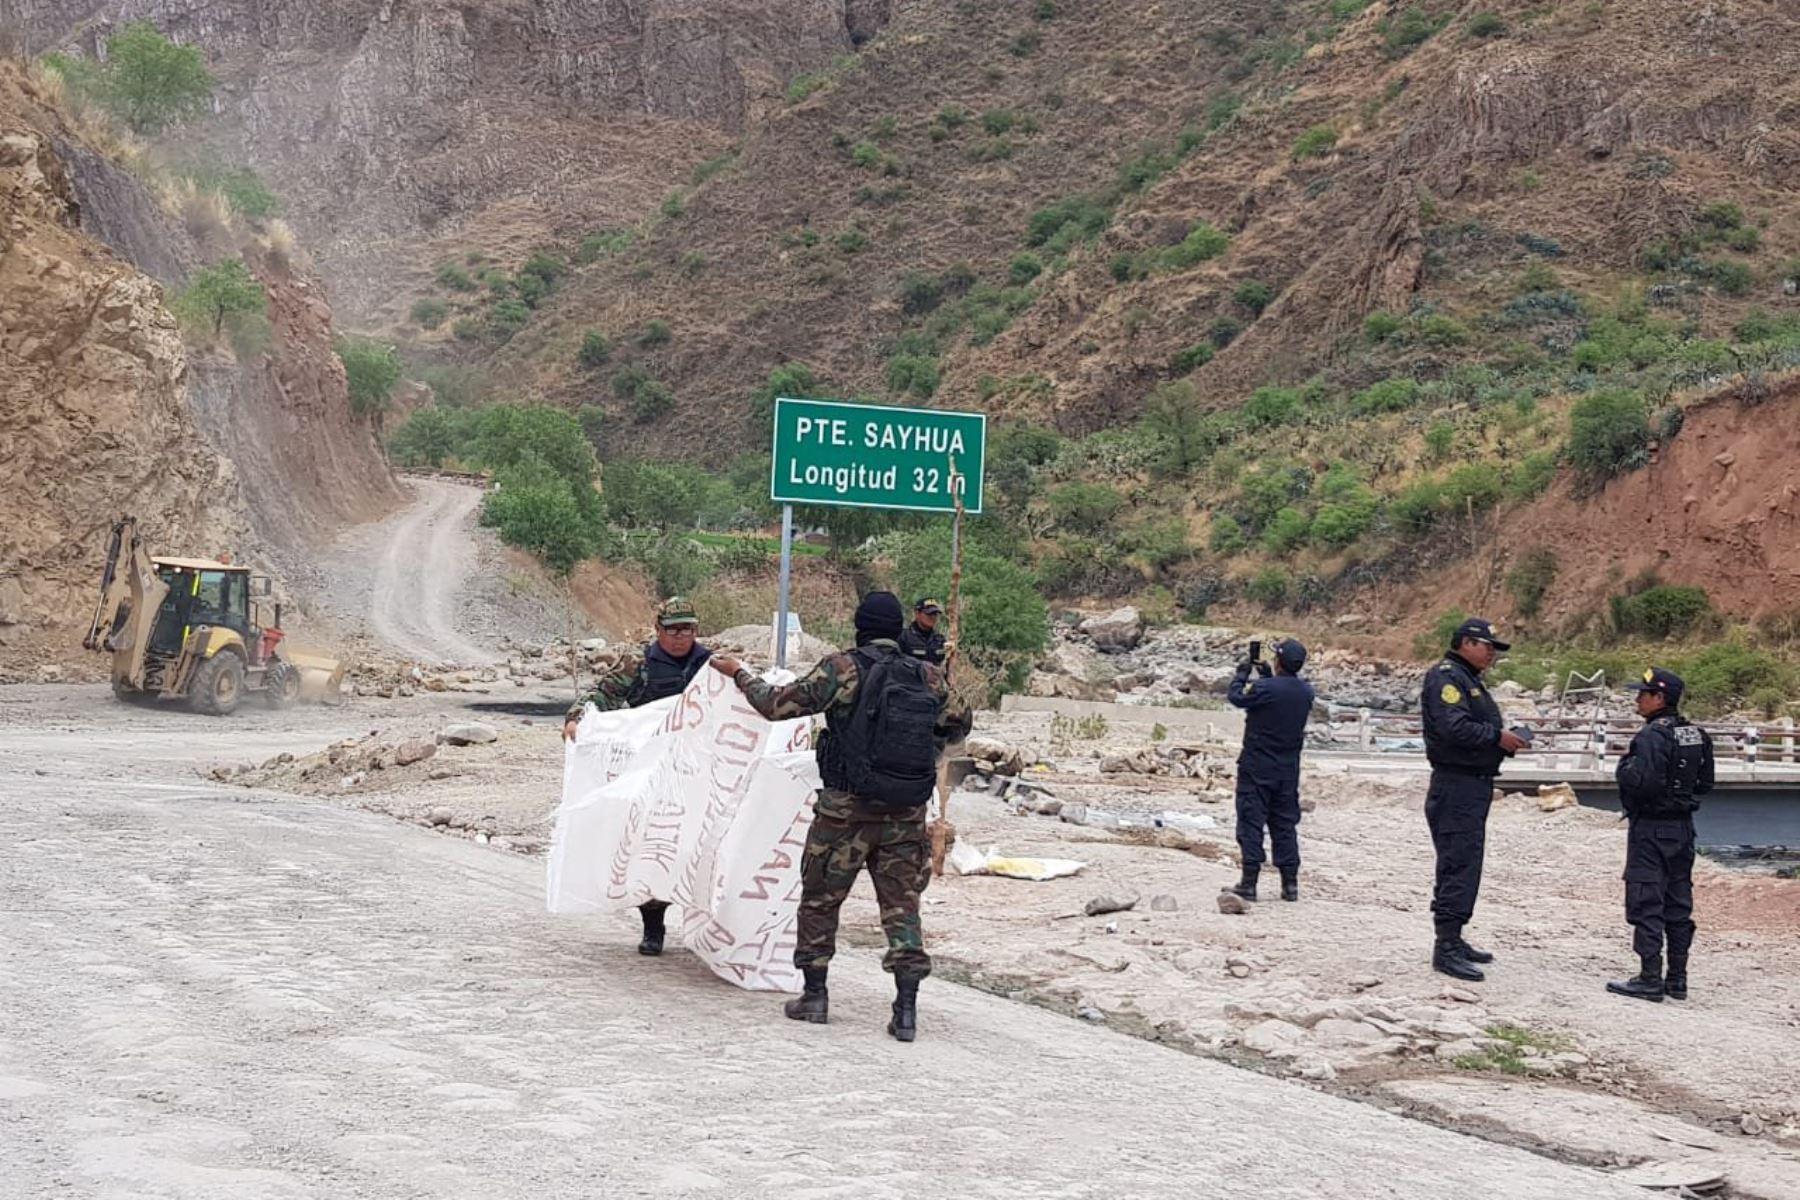 Vuelven a declarar en emergencia parte del corredor vial minero